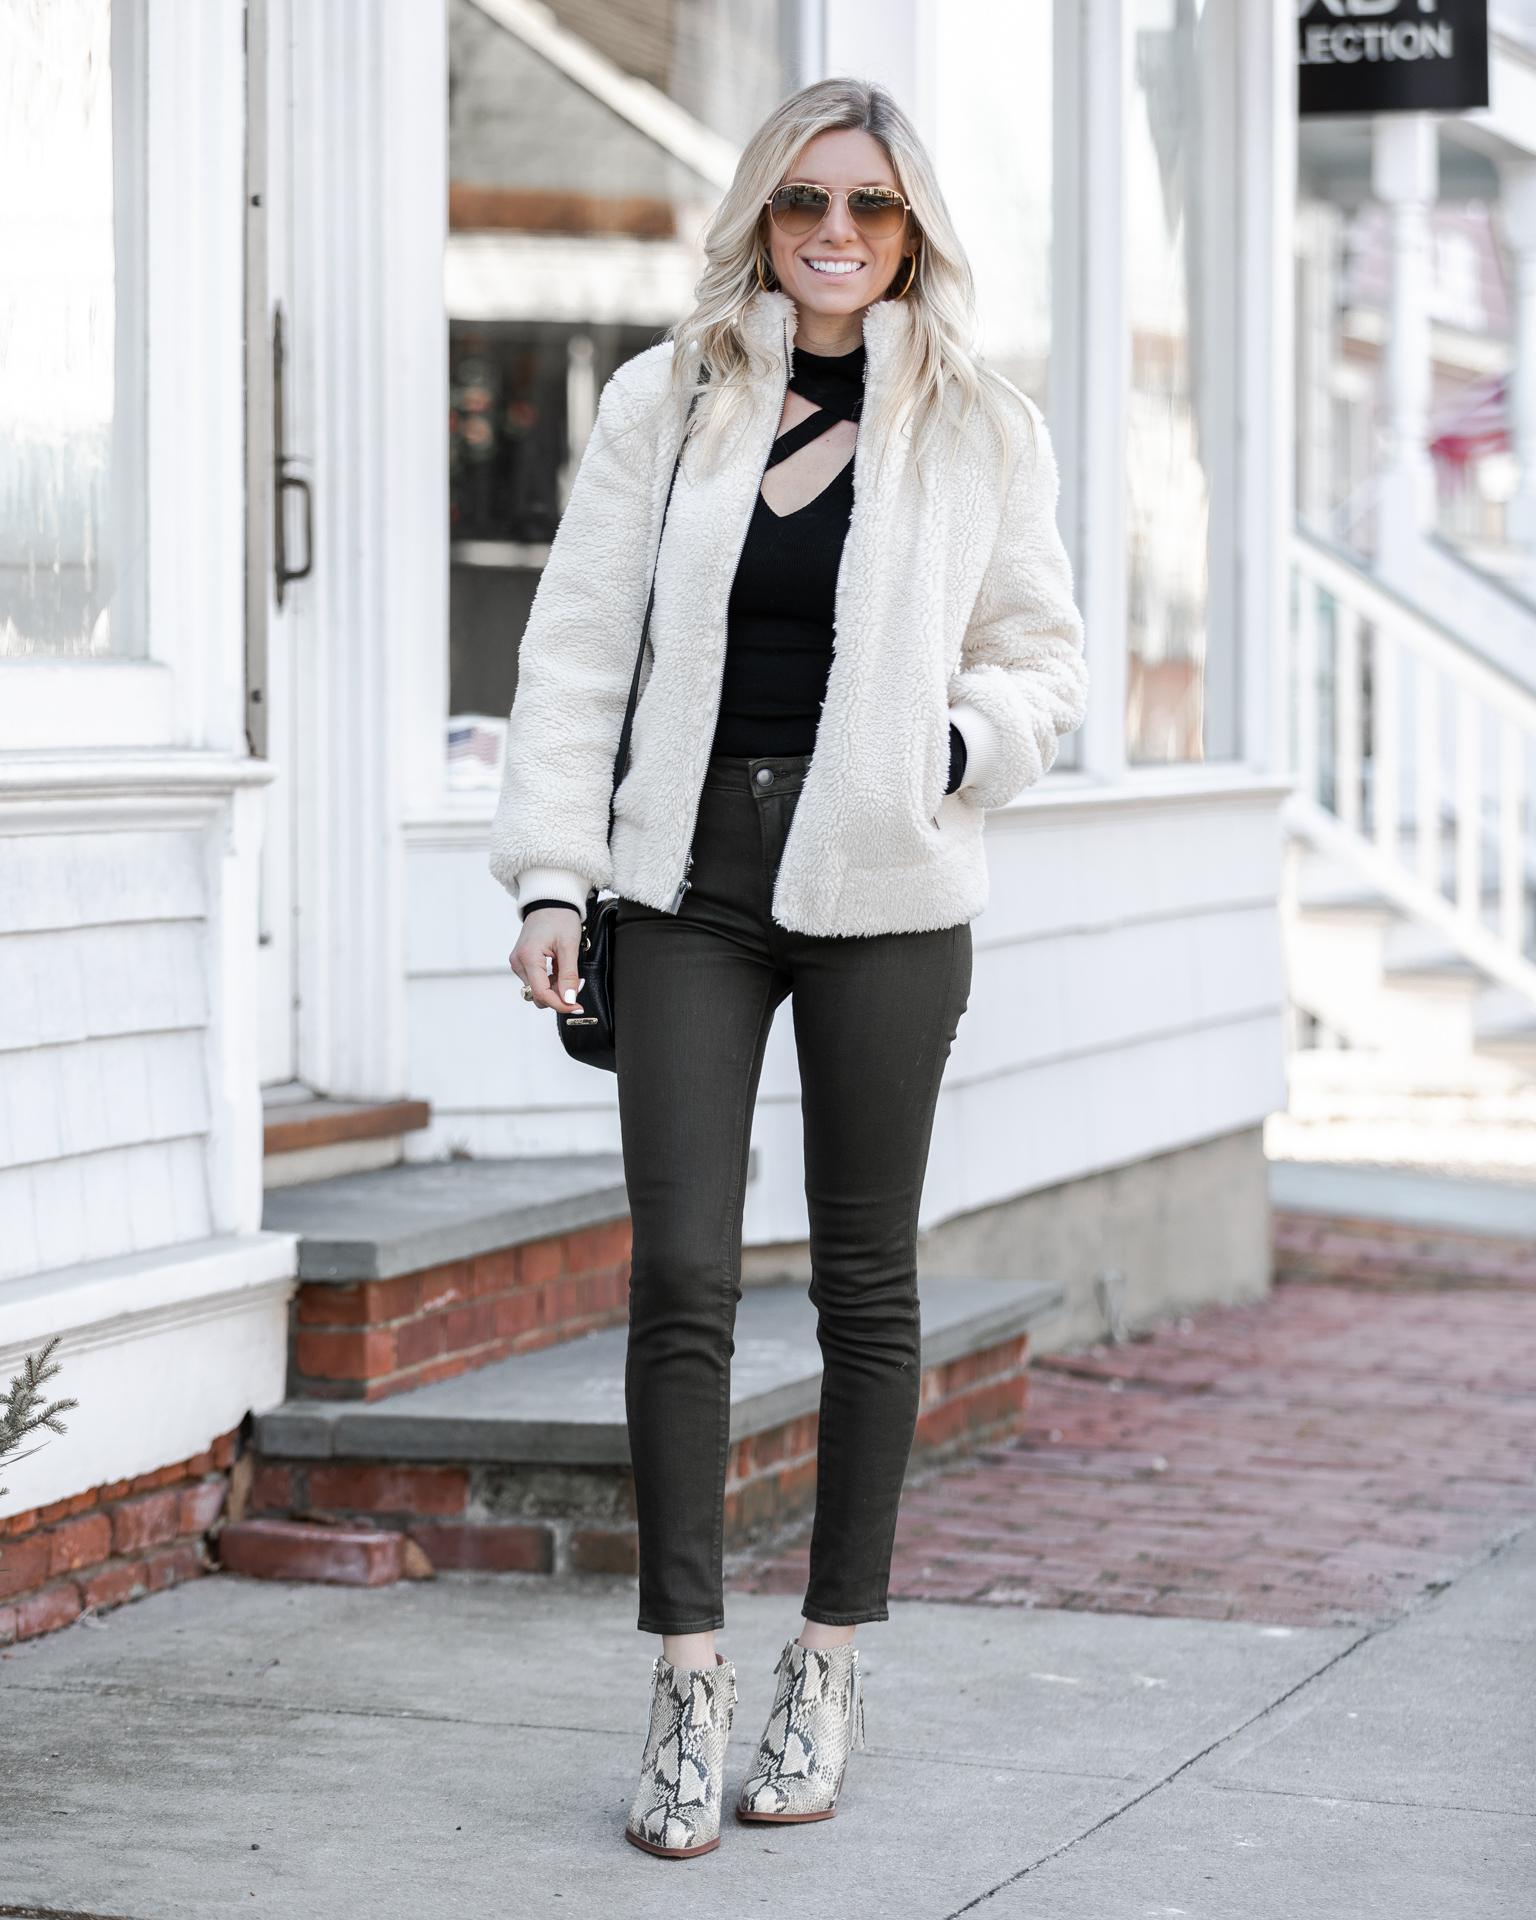 driftwood-coated-denim-jeans-the-glamorous-gal